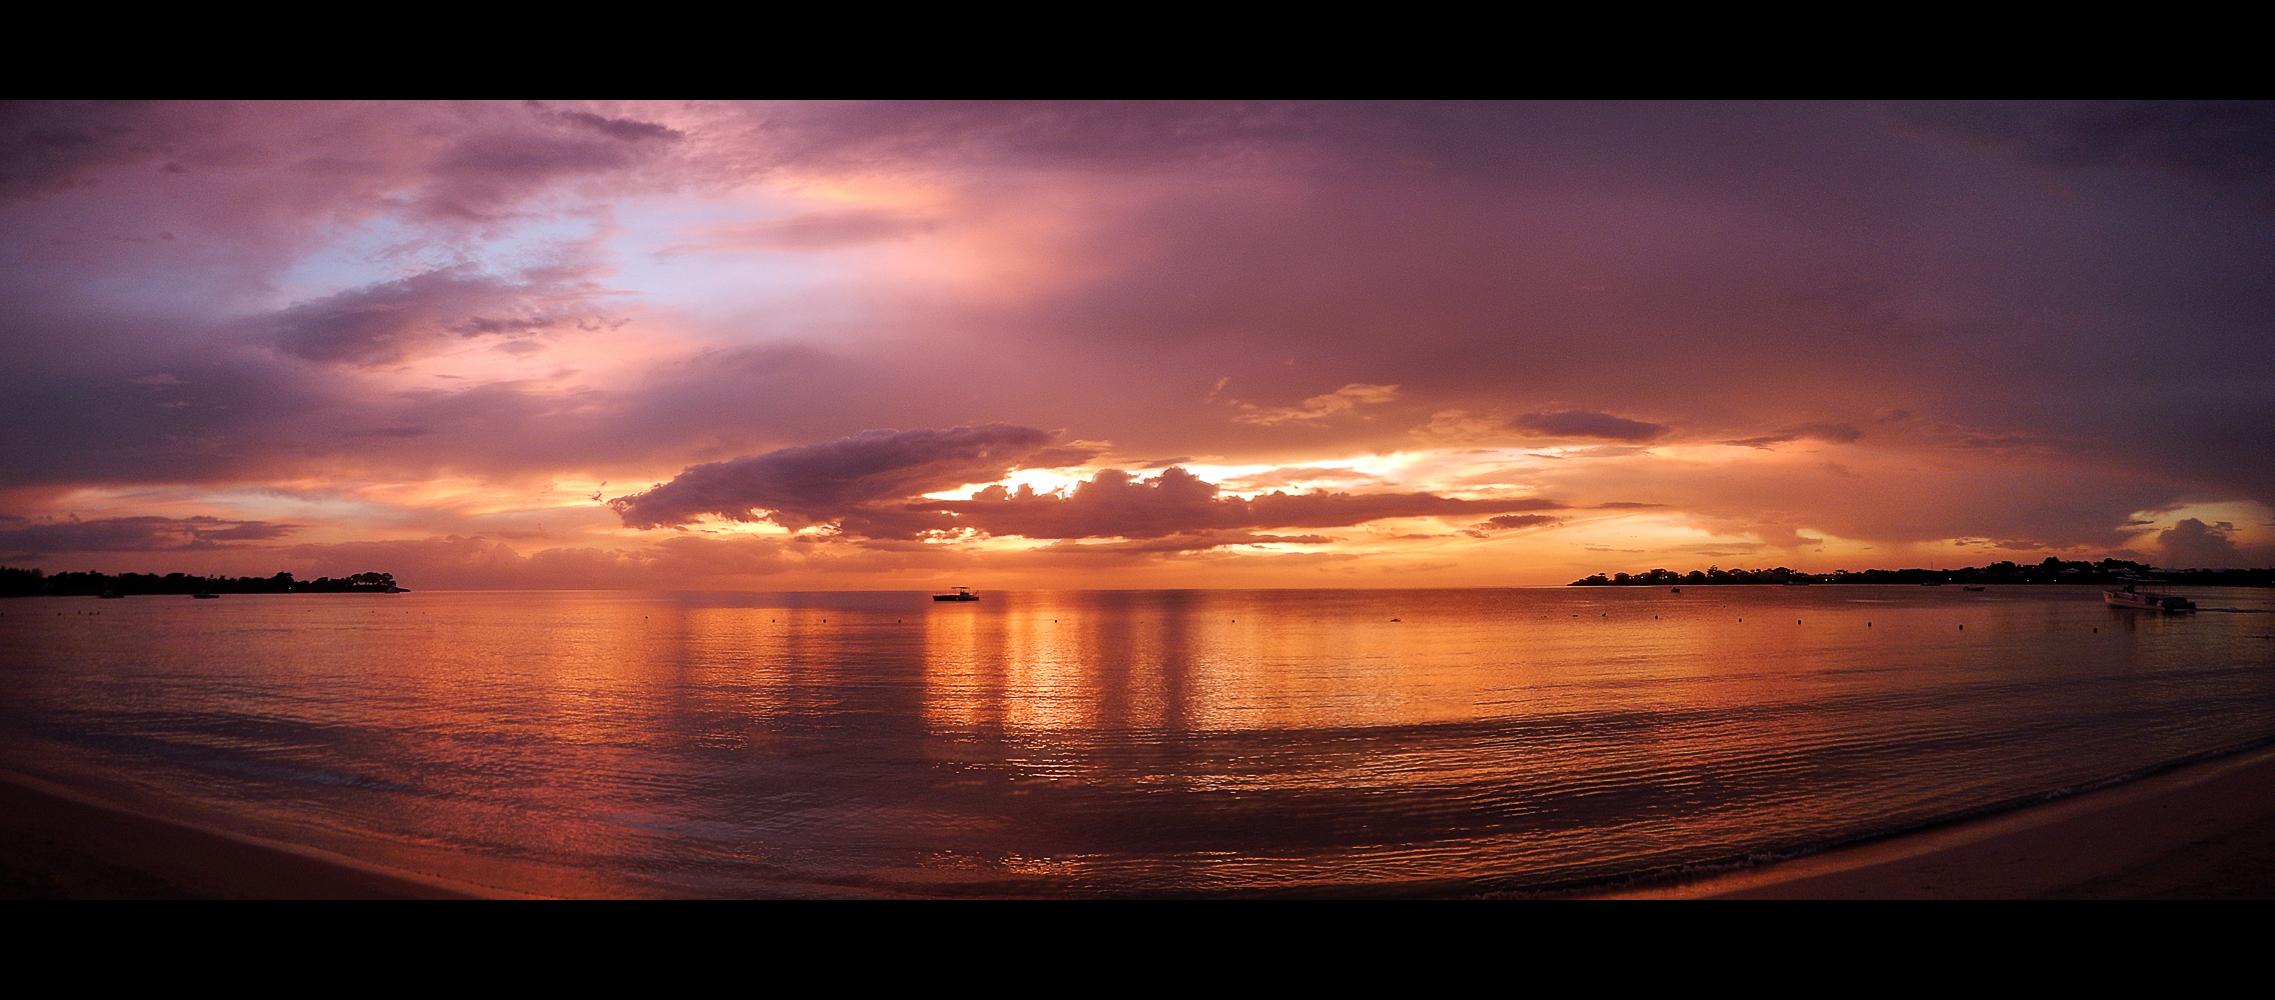 Sunset Jamaica Beach by skywalkerdesign